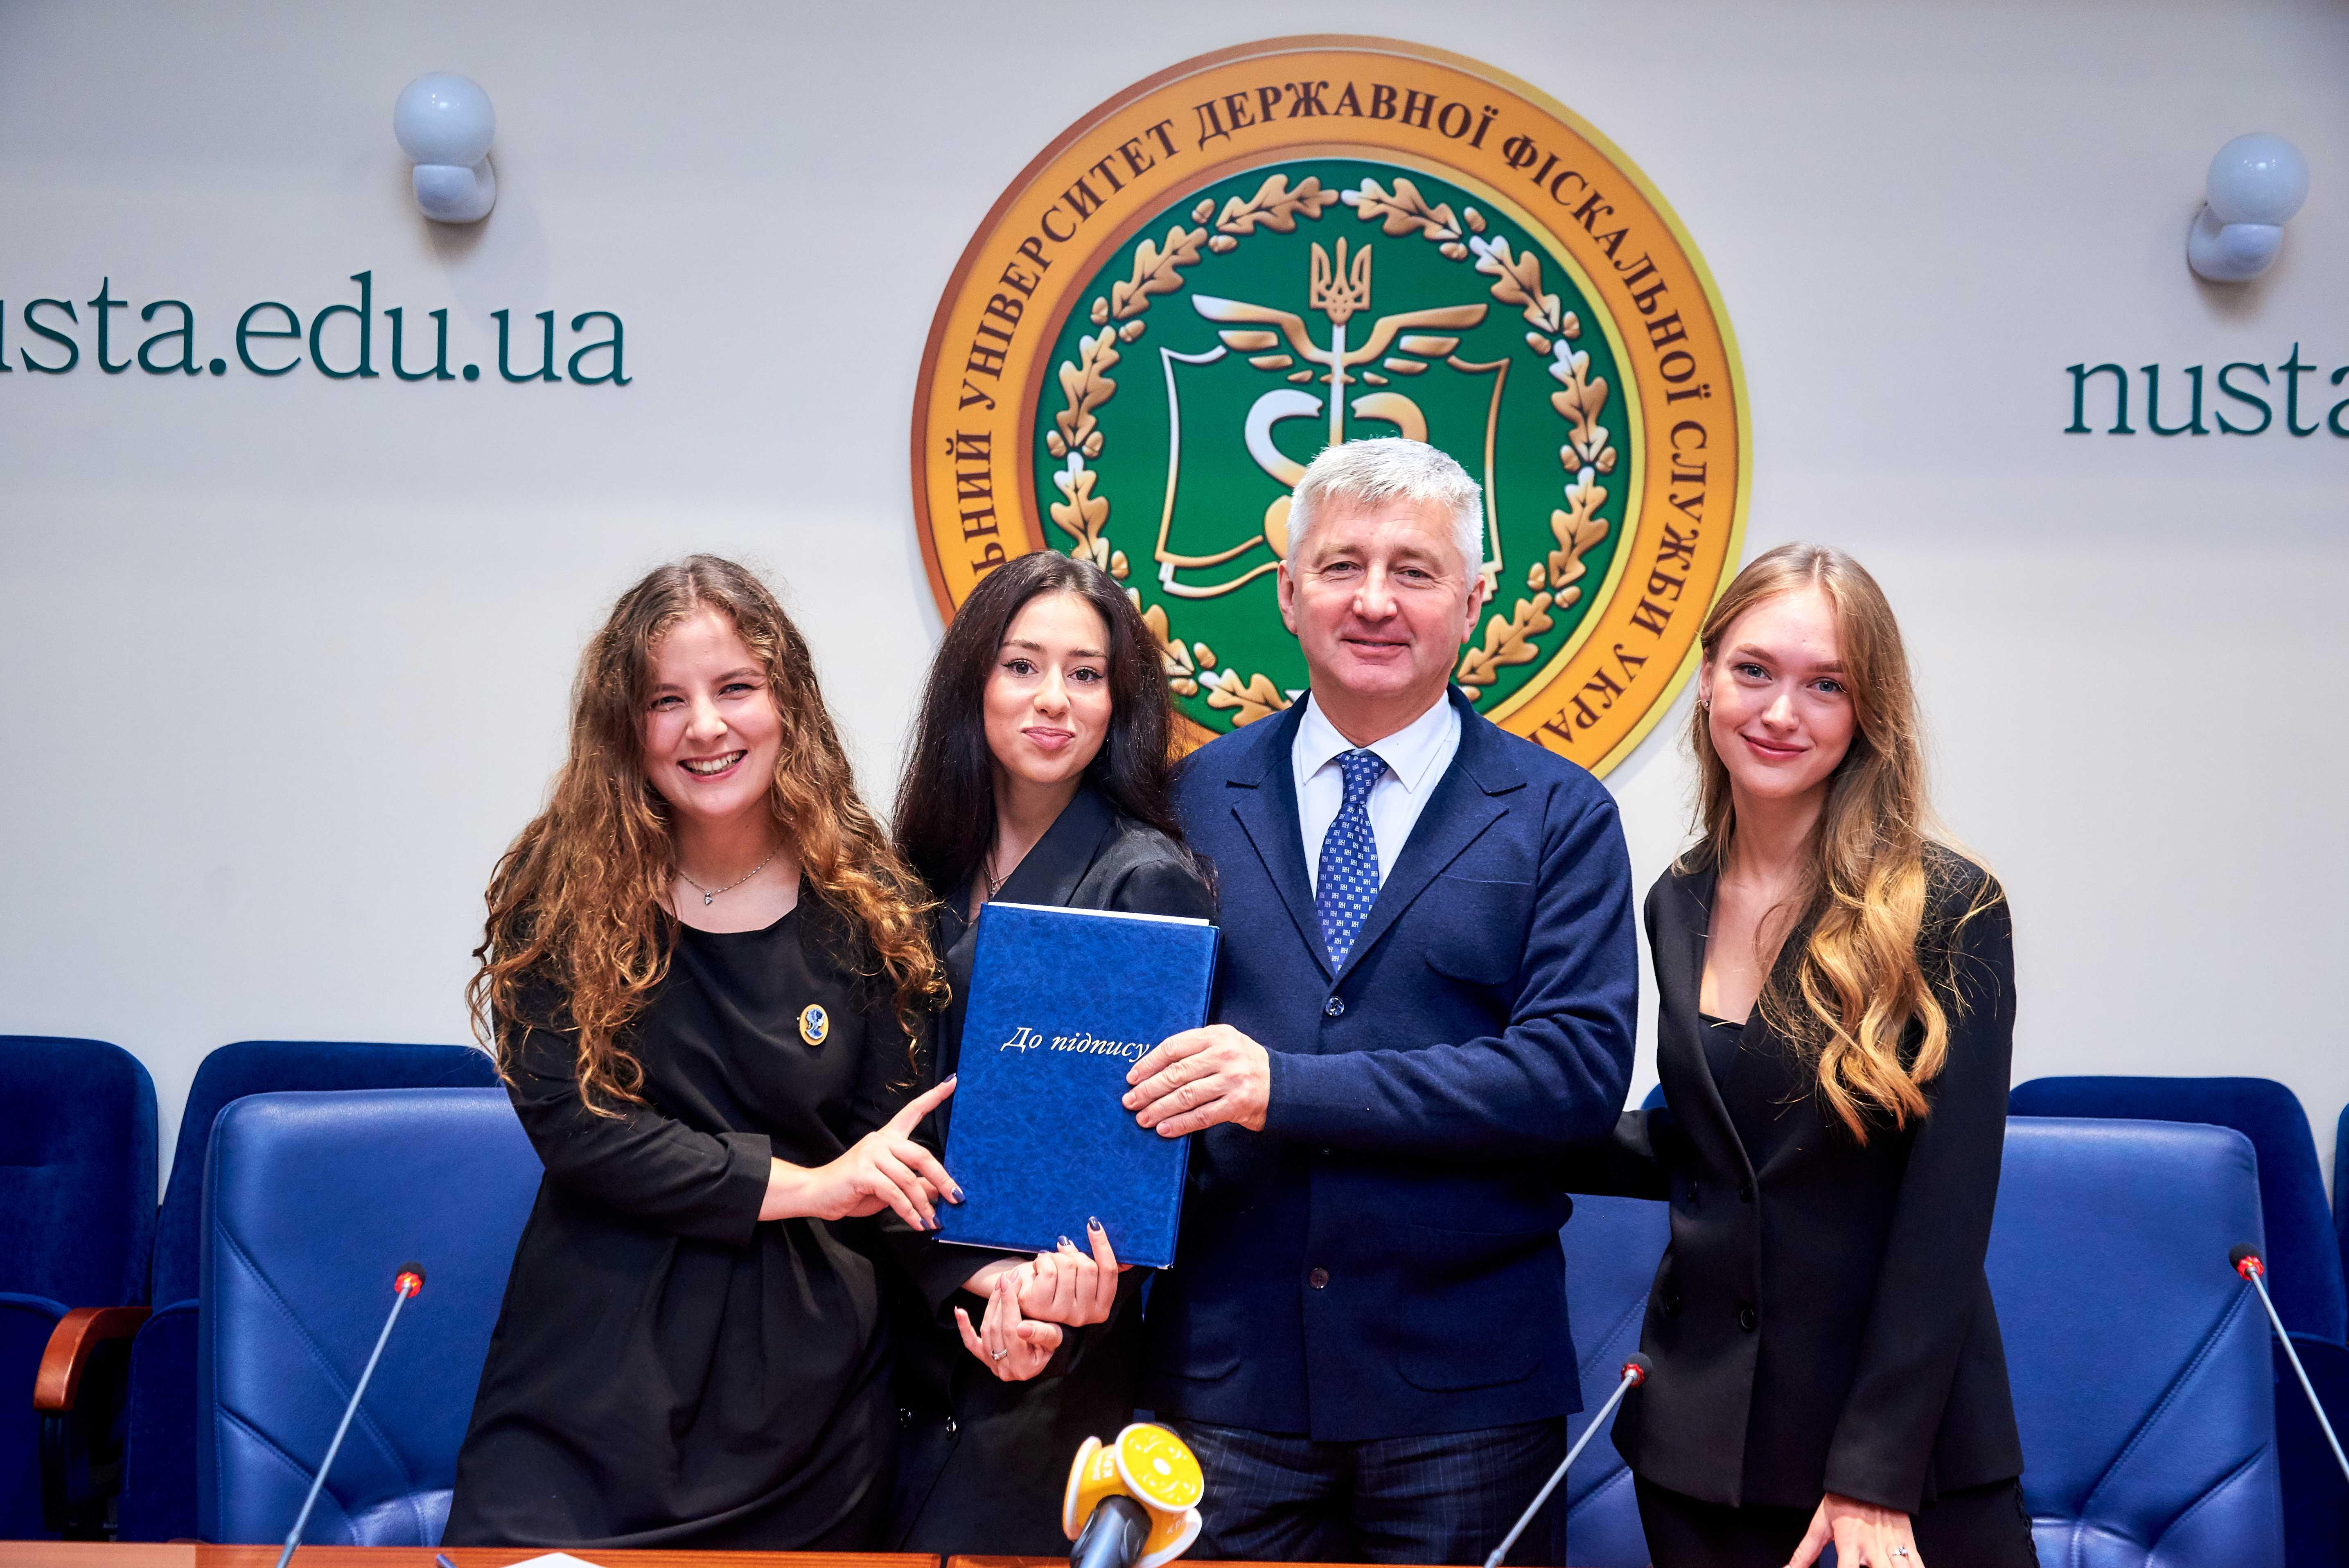 В Україні з'явилося перше студентське сестринство «Kappa Delta Phi» і уже підписано Меморандум про співпрацю із УДФСУ